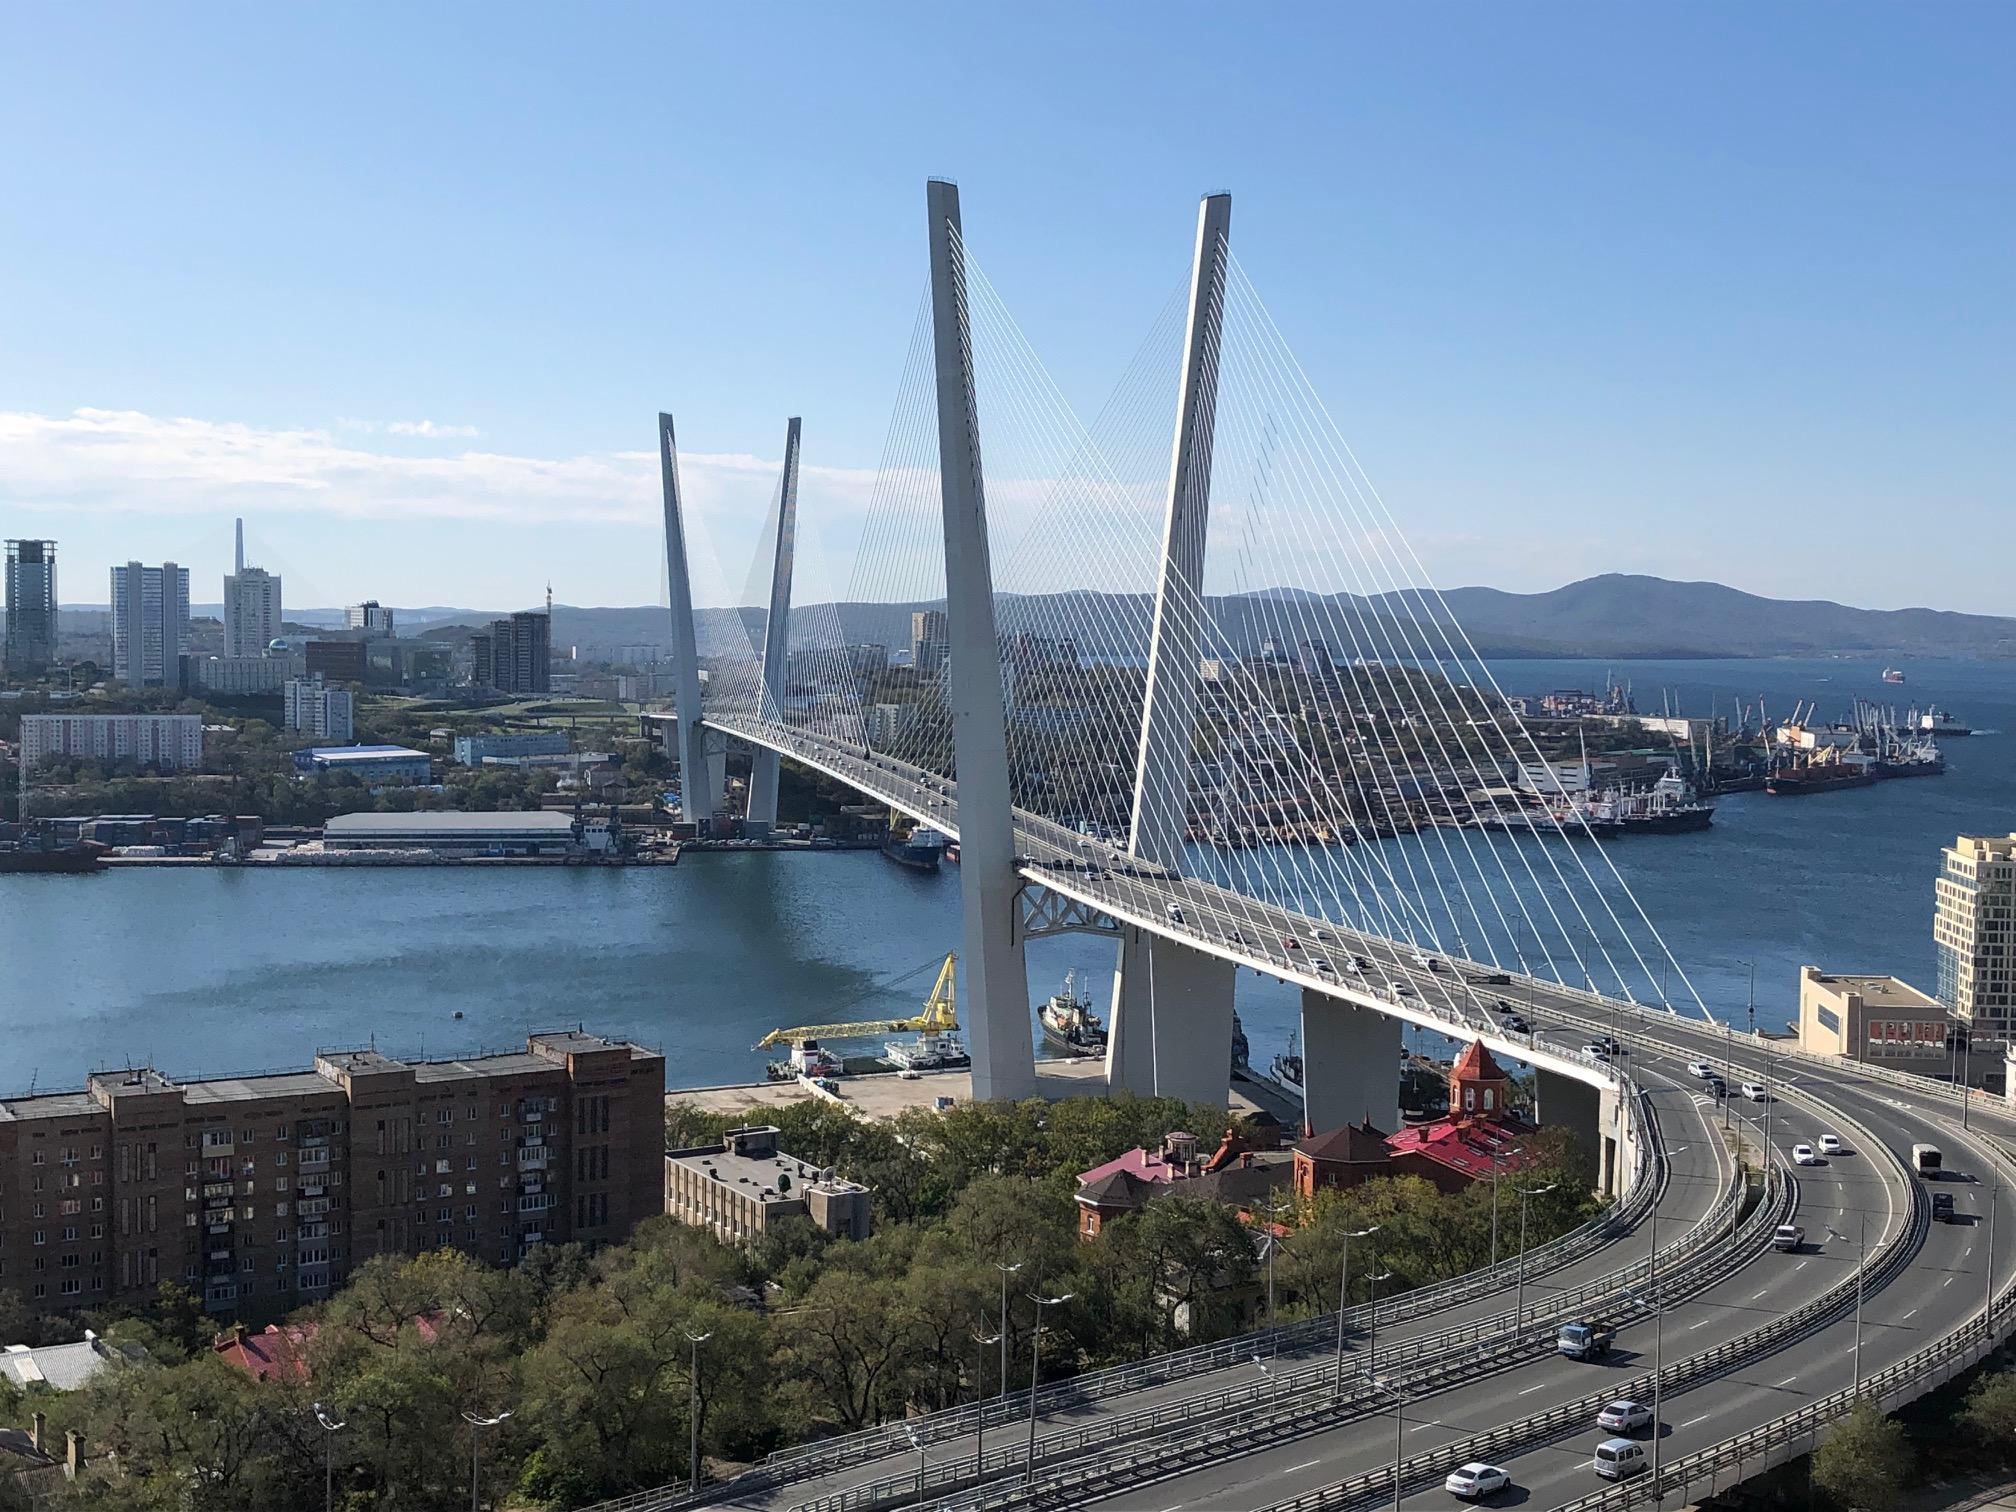 ANA、成田/ウラジオストク線の就航日を決定、2020年3月16日からA320で